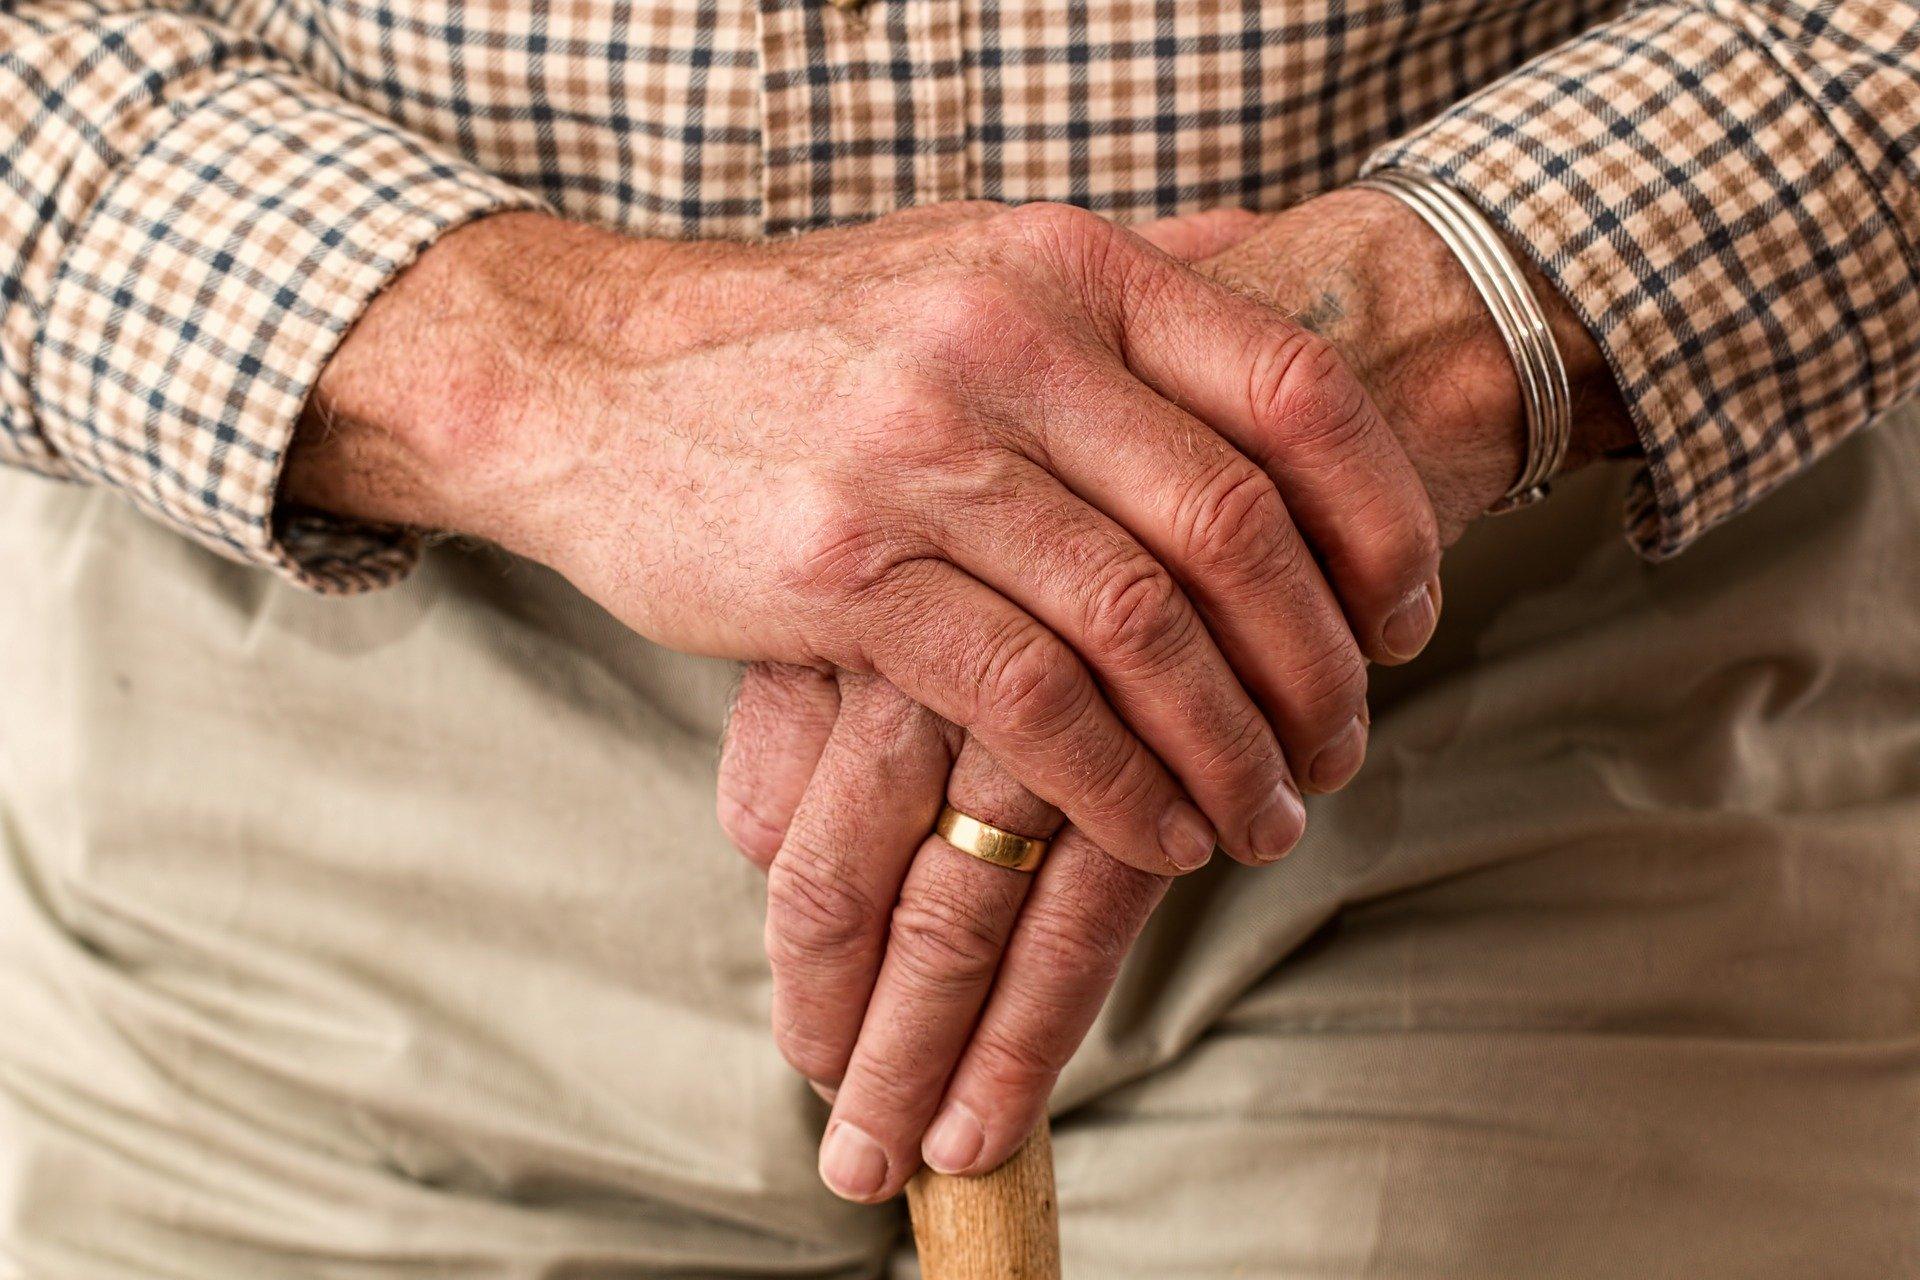 Quedas em idosos: 4 dicas para evitar quedas e lesões